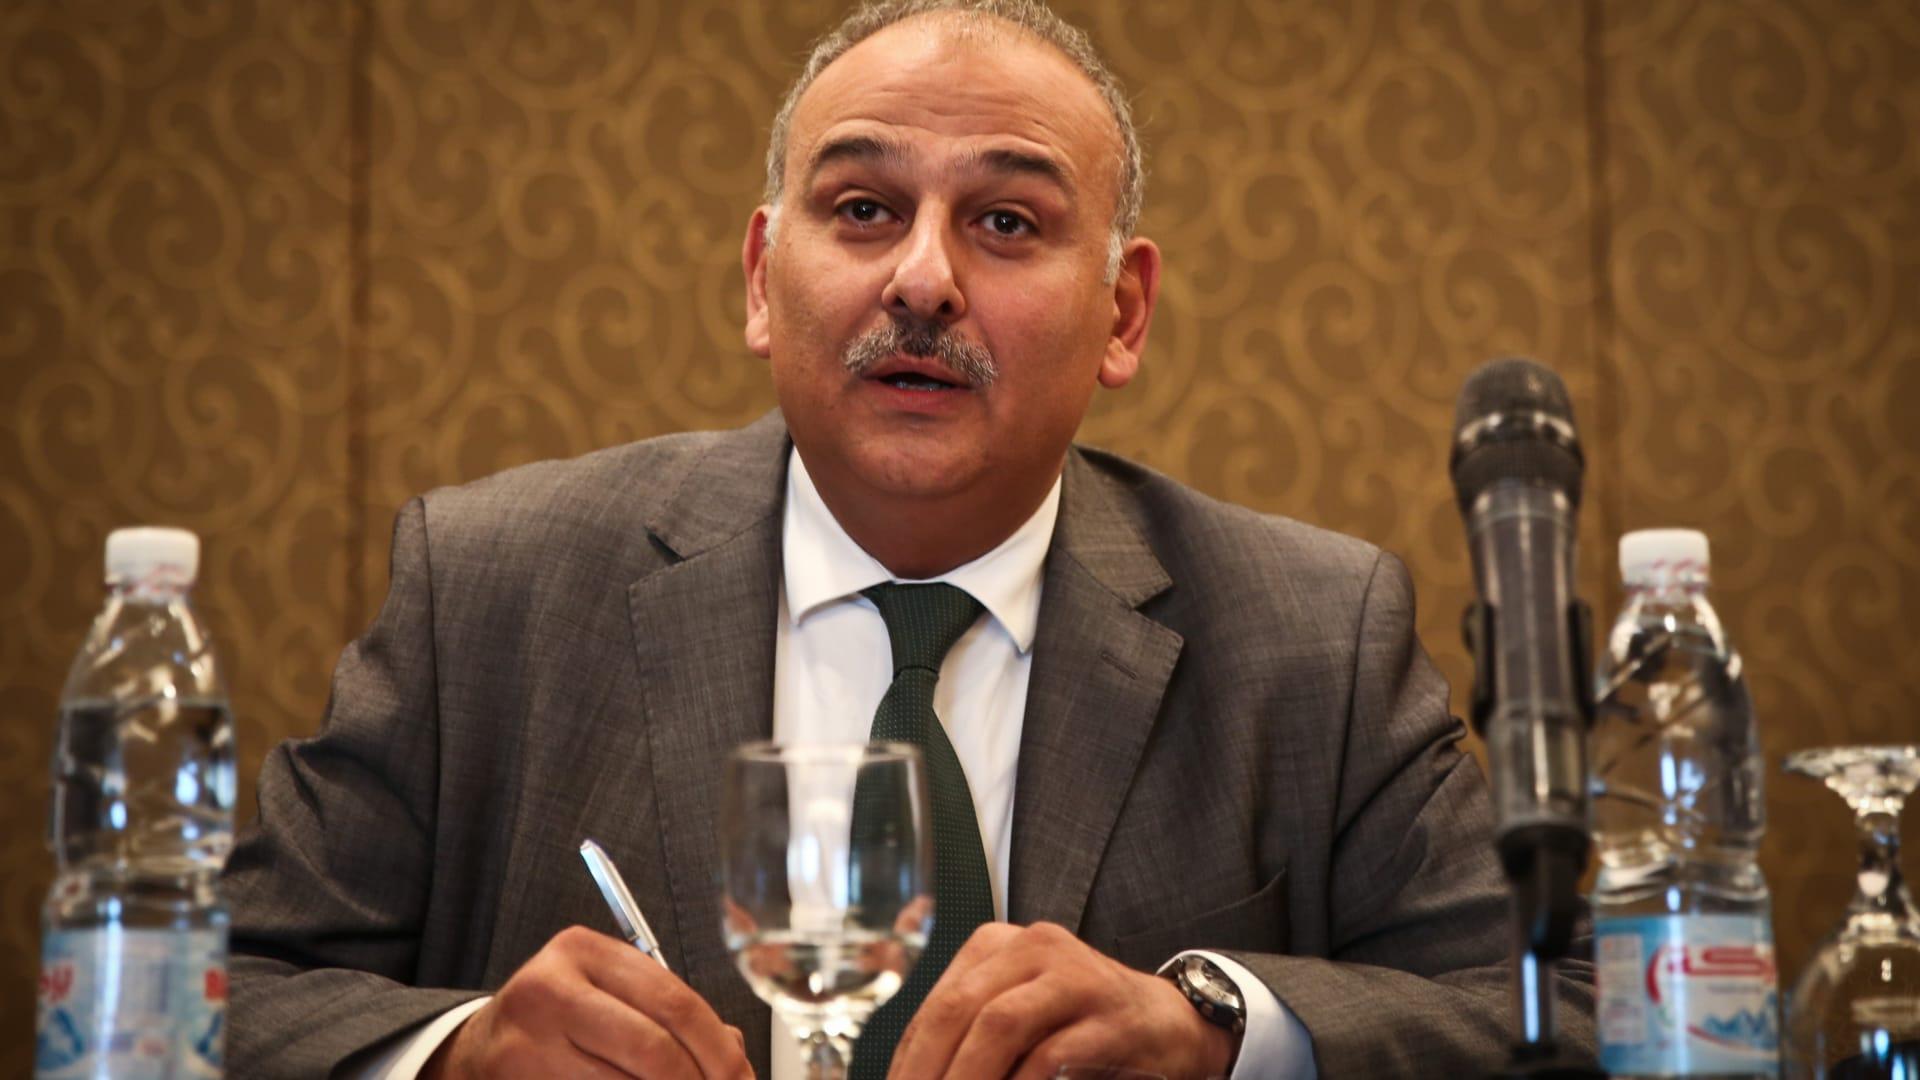 جمال سليمان: لو استجاب الأسد منذ البداية لمطالب الشعب لكنت من أشد المعجبين له